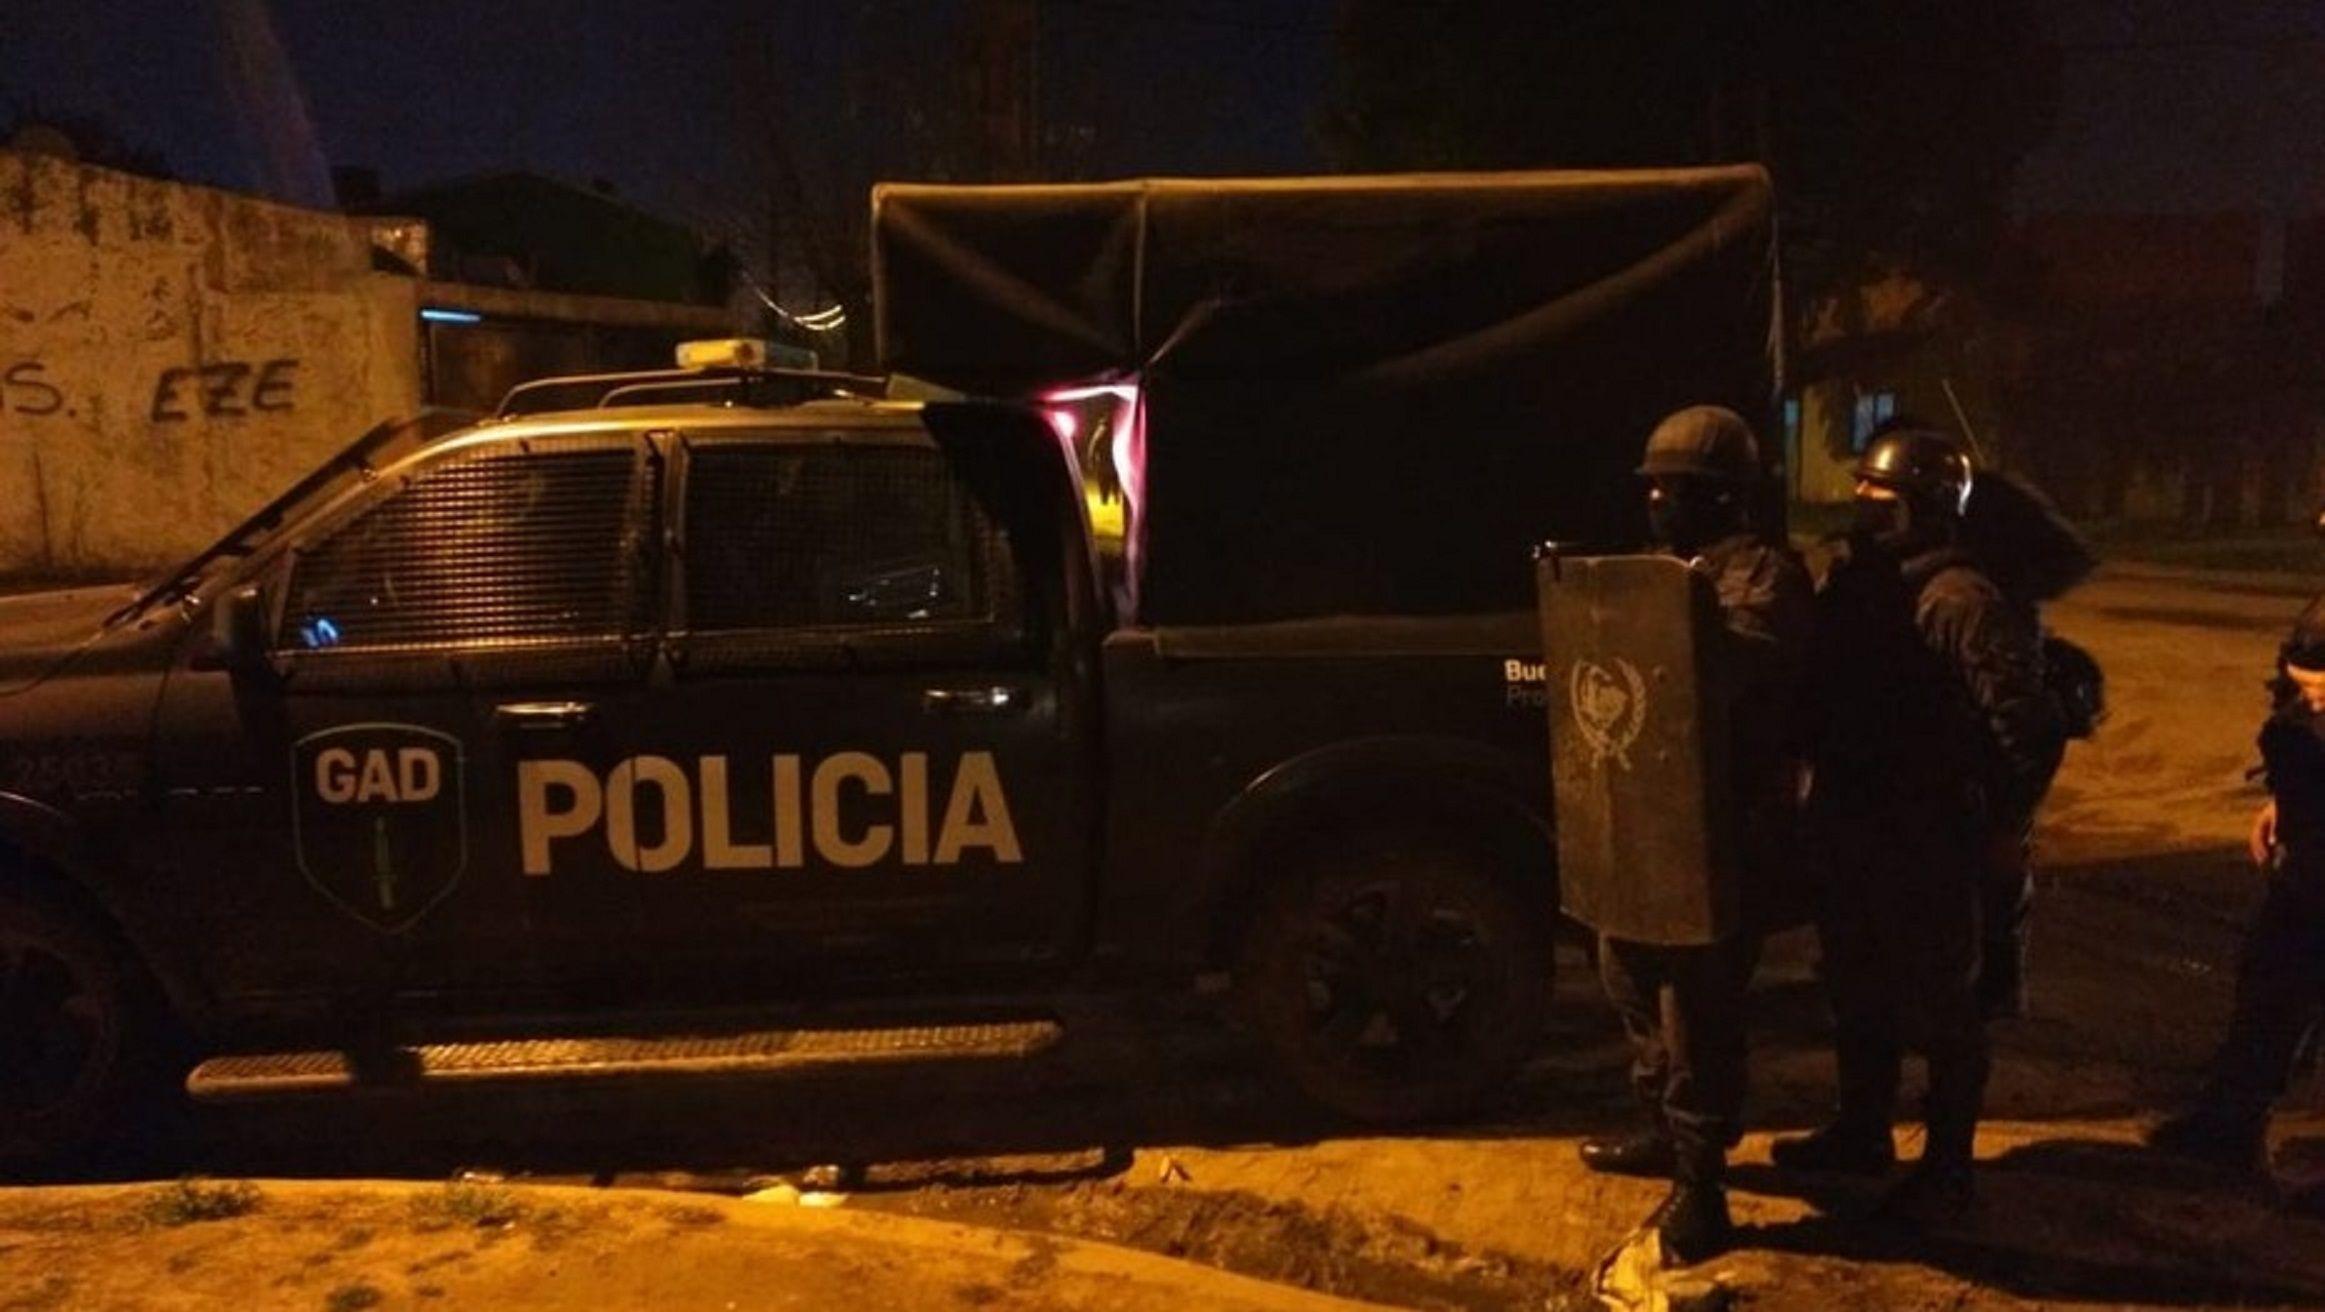 Horror en Quilmes: un bebe de 4 meses murió tras ser abusado y quemado por sus padres